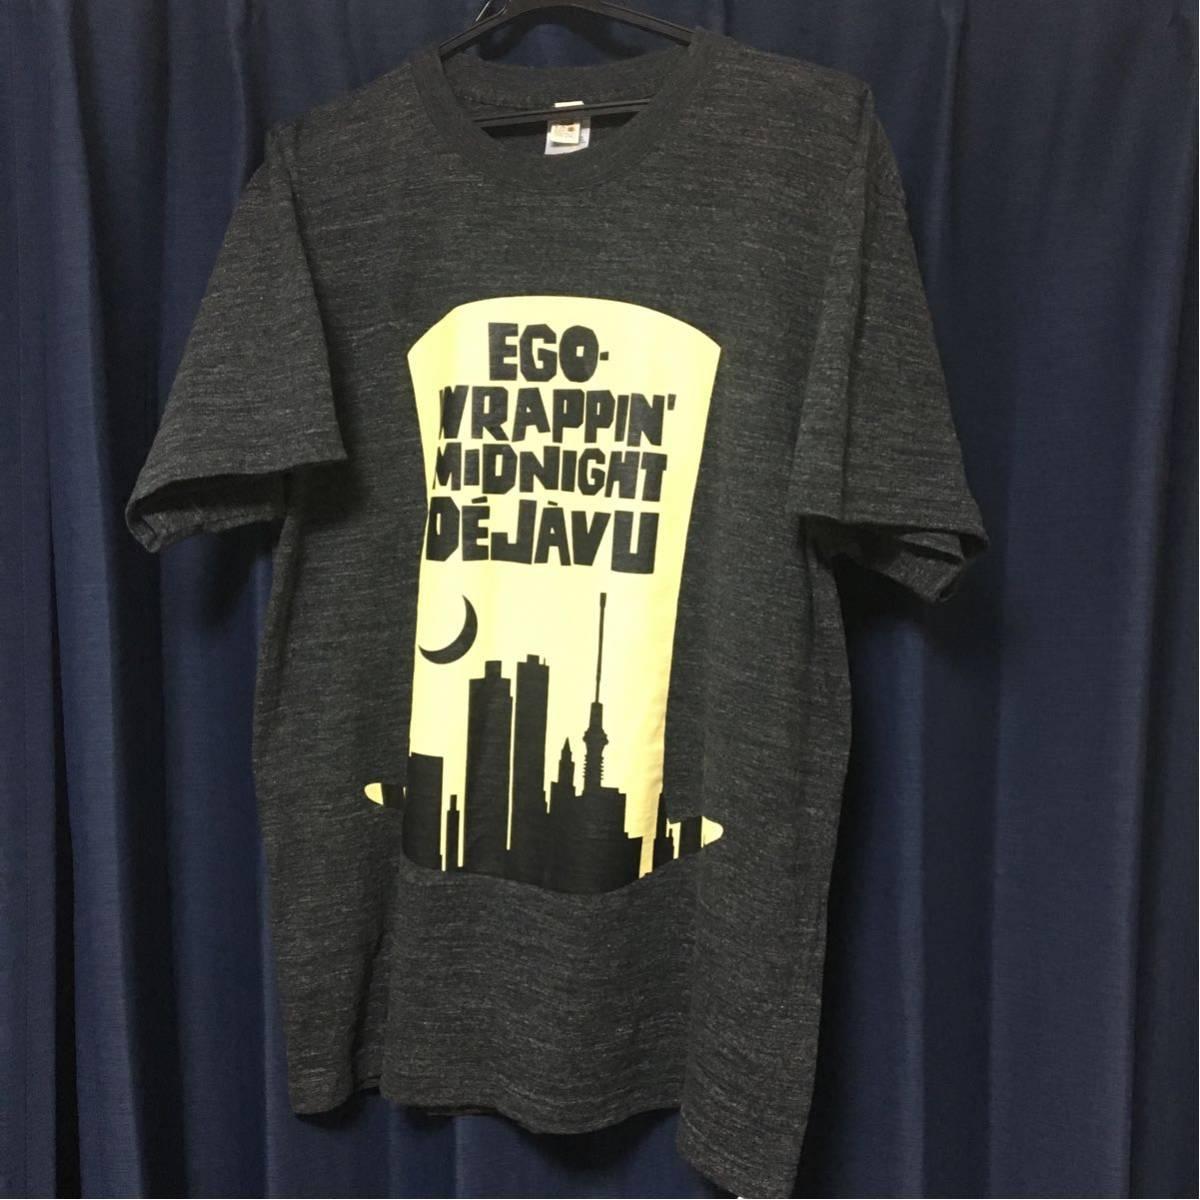 新品 未着用! EGO-WRAPPIN' Midnight Dejave t-shirt Lサイズ 2017 ヘーゼルグレイ